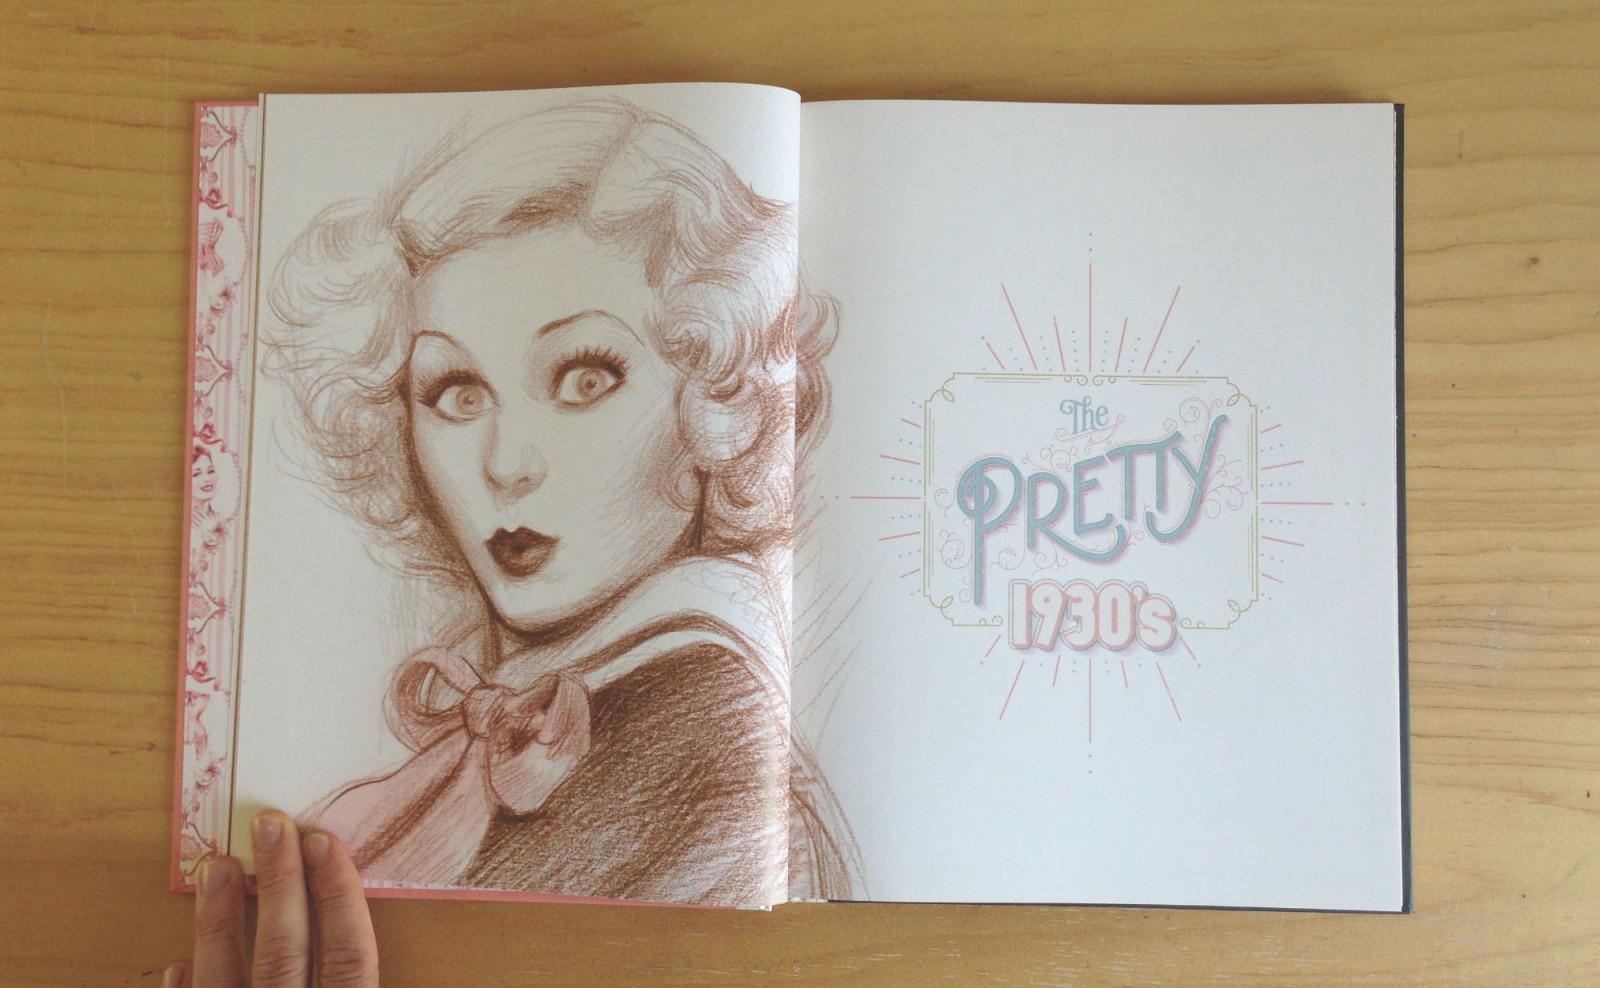 MALY-30s-ThePretty-book